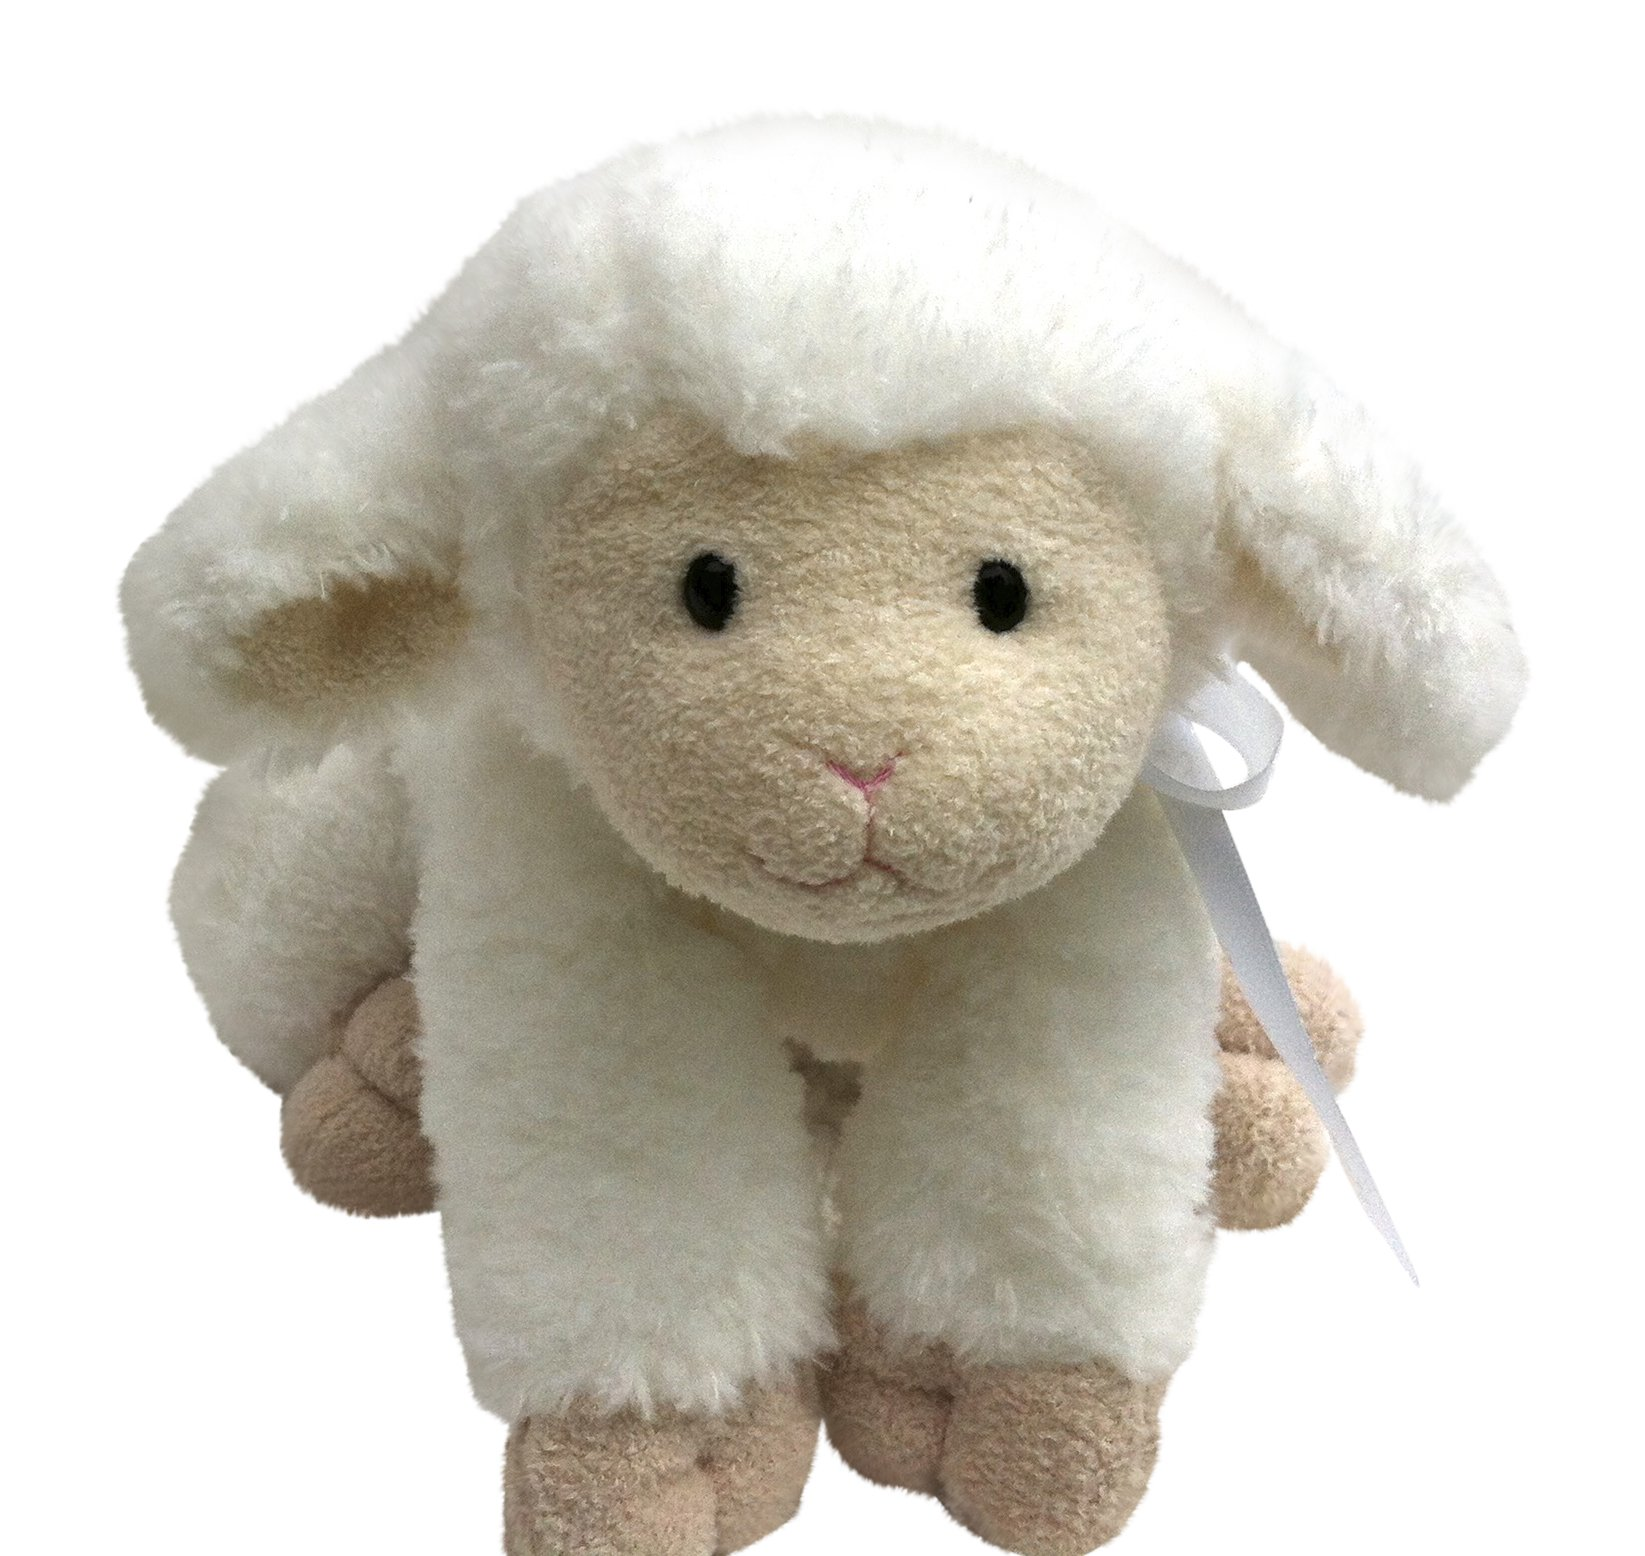 ''Jesus Loves Me'' Musical Baby Plush Lamb Toy